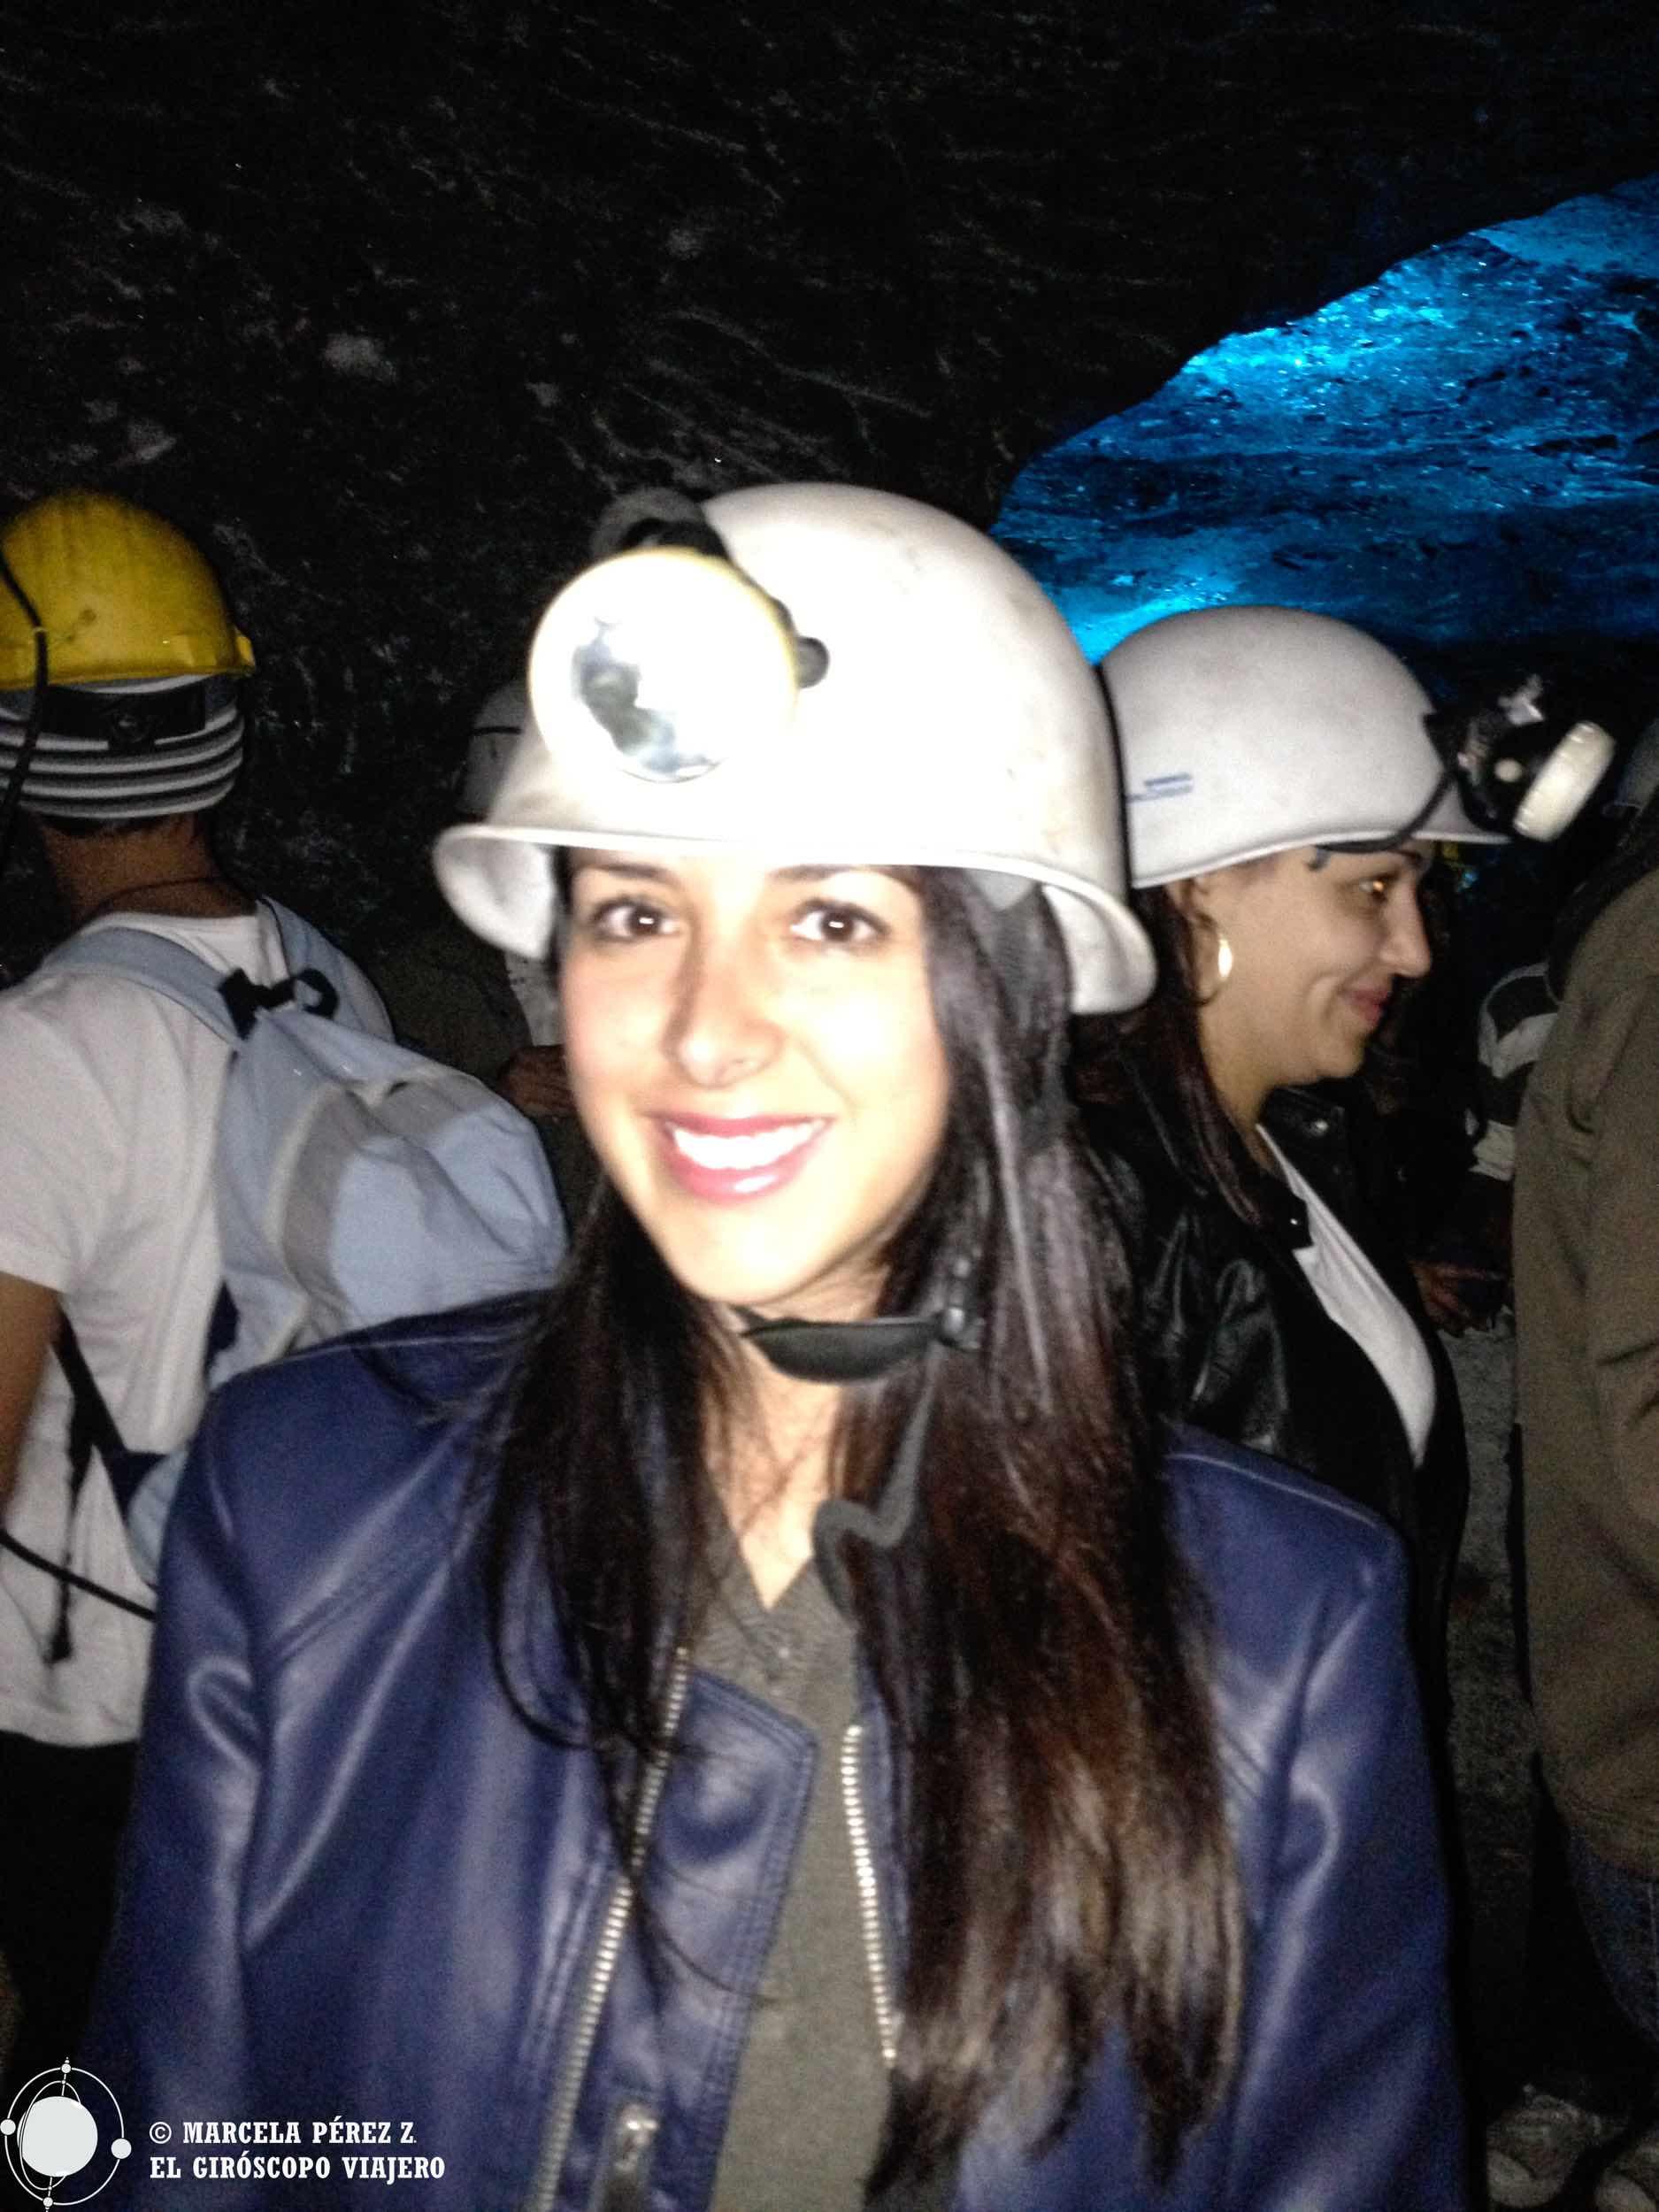 Bien pertrechados con casco y pipo/pala para trabajar en la mina de sal